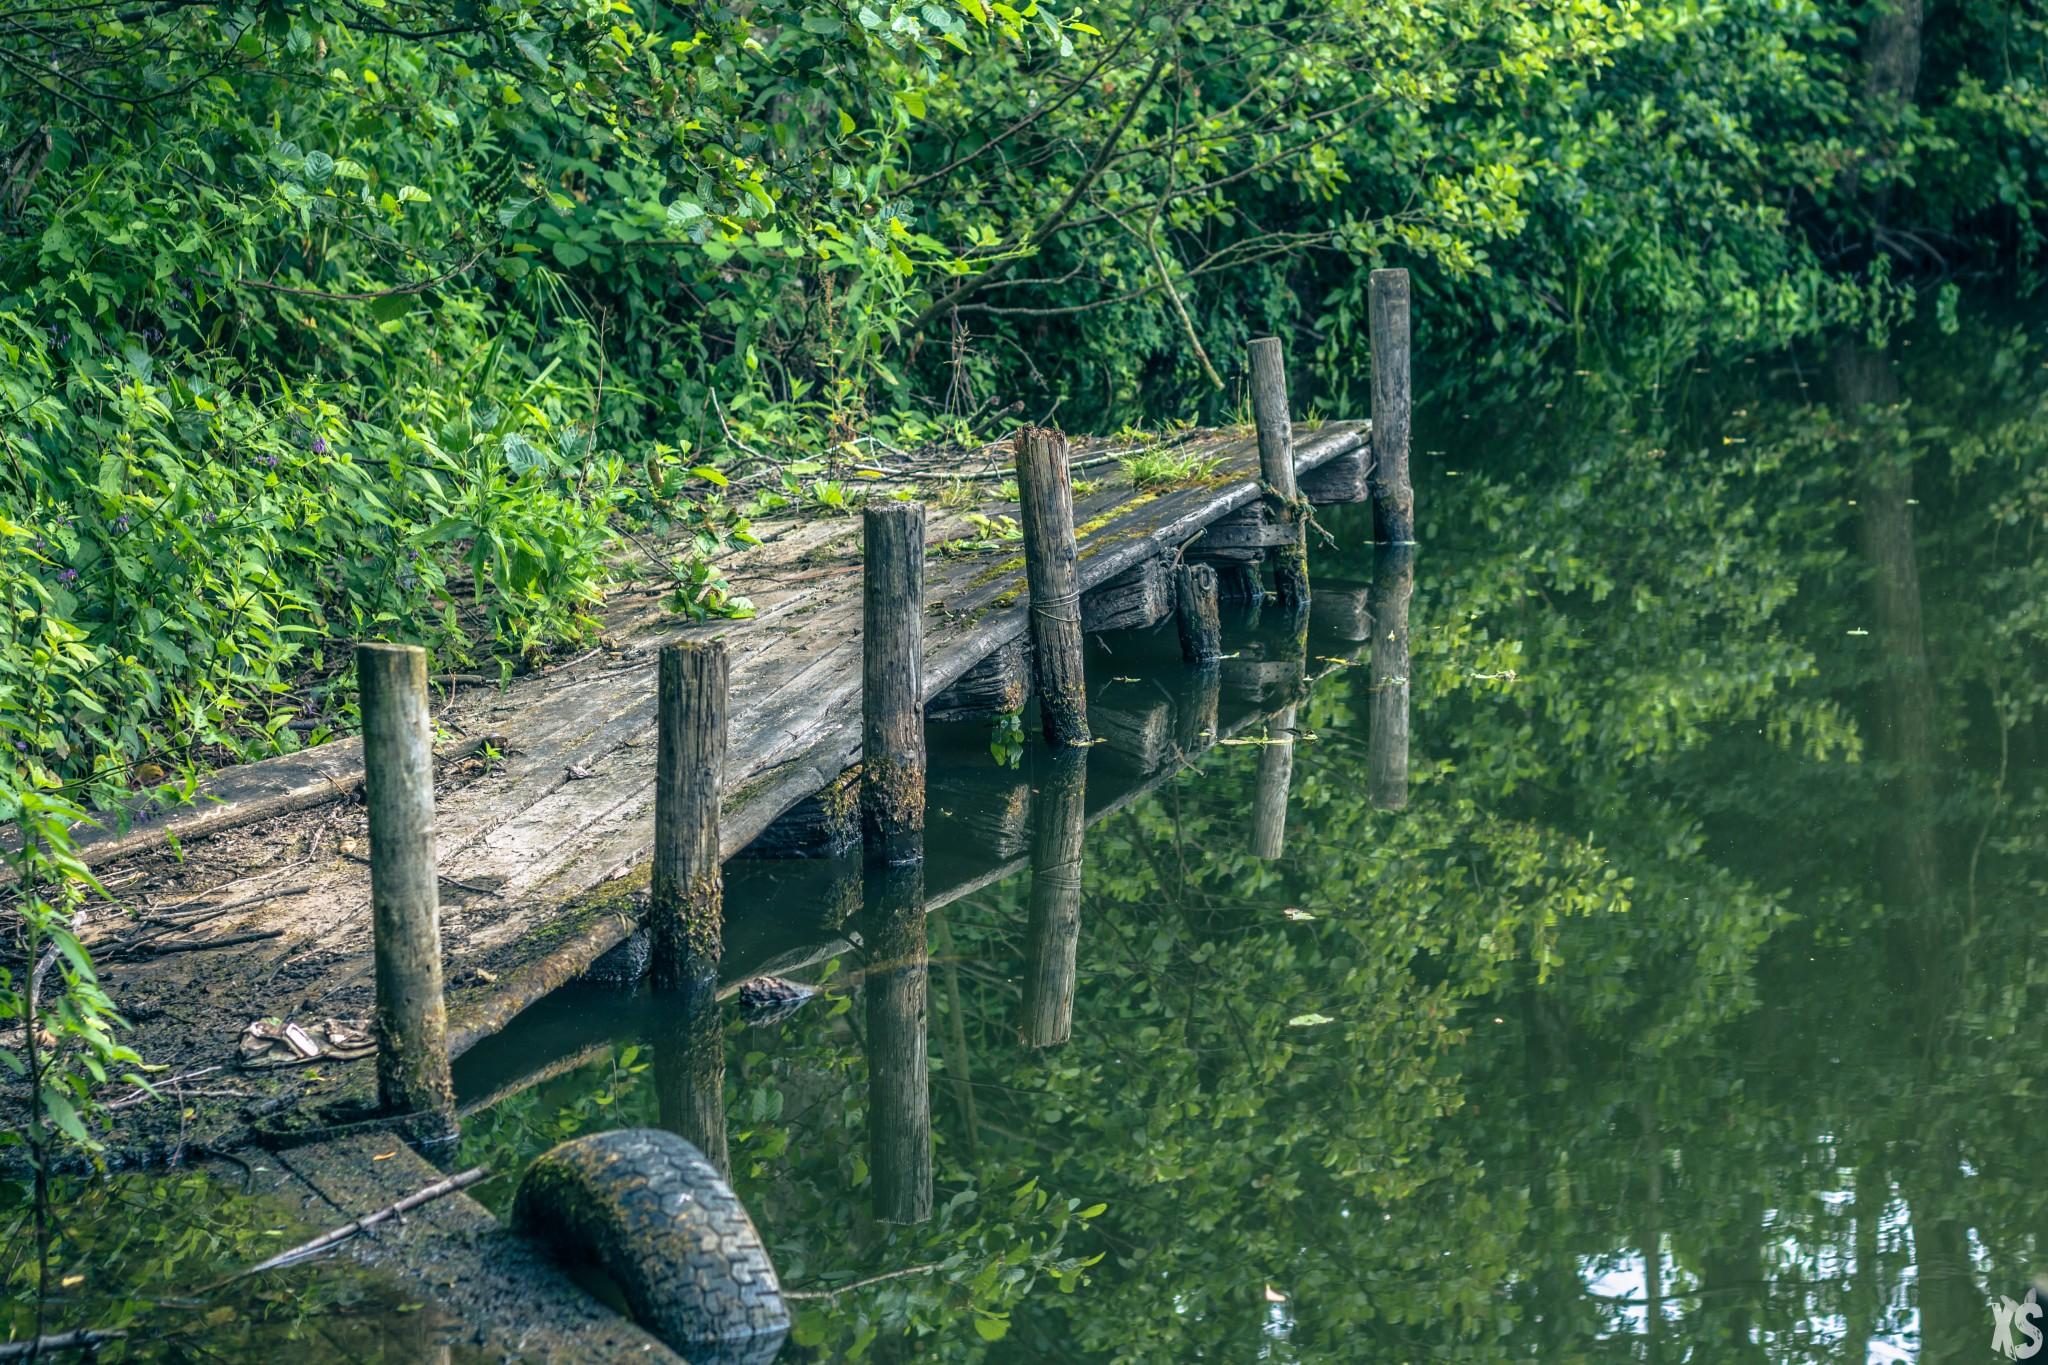 Parc aquatique abandonné au Danemark   urbexsession.com/parc-aquatique-wayne-lo   Urbex Danemark